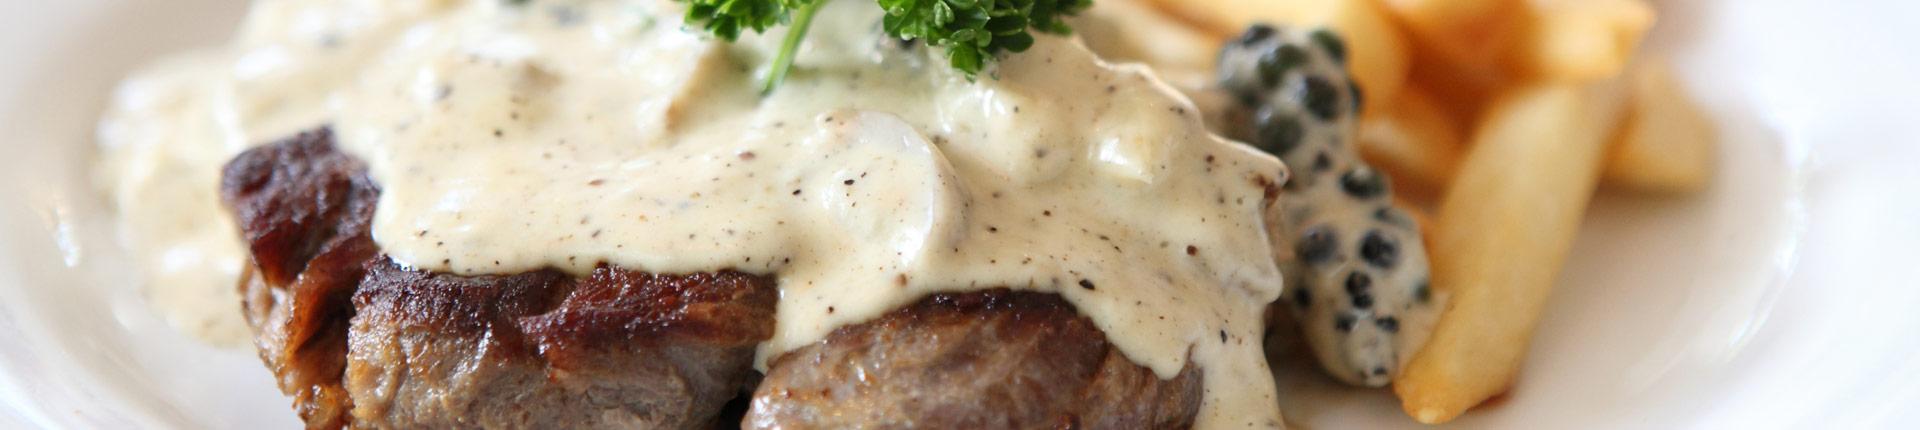 Czy można jeść sos tatarski będąc na diecie?